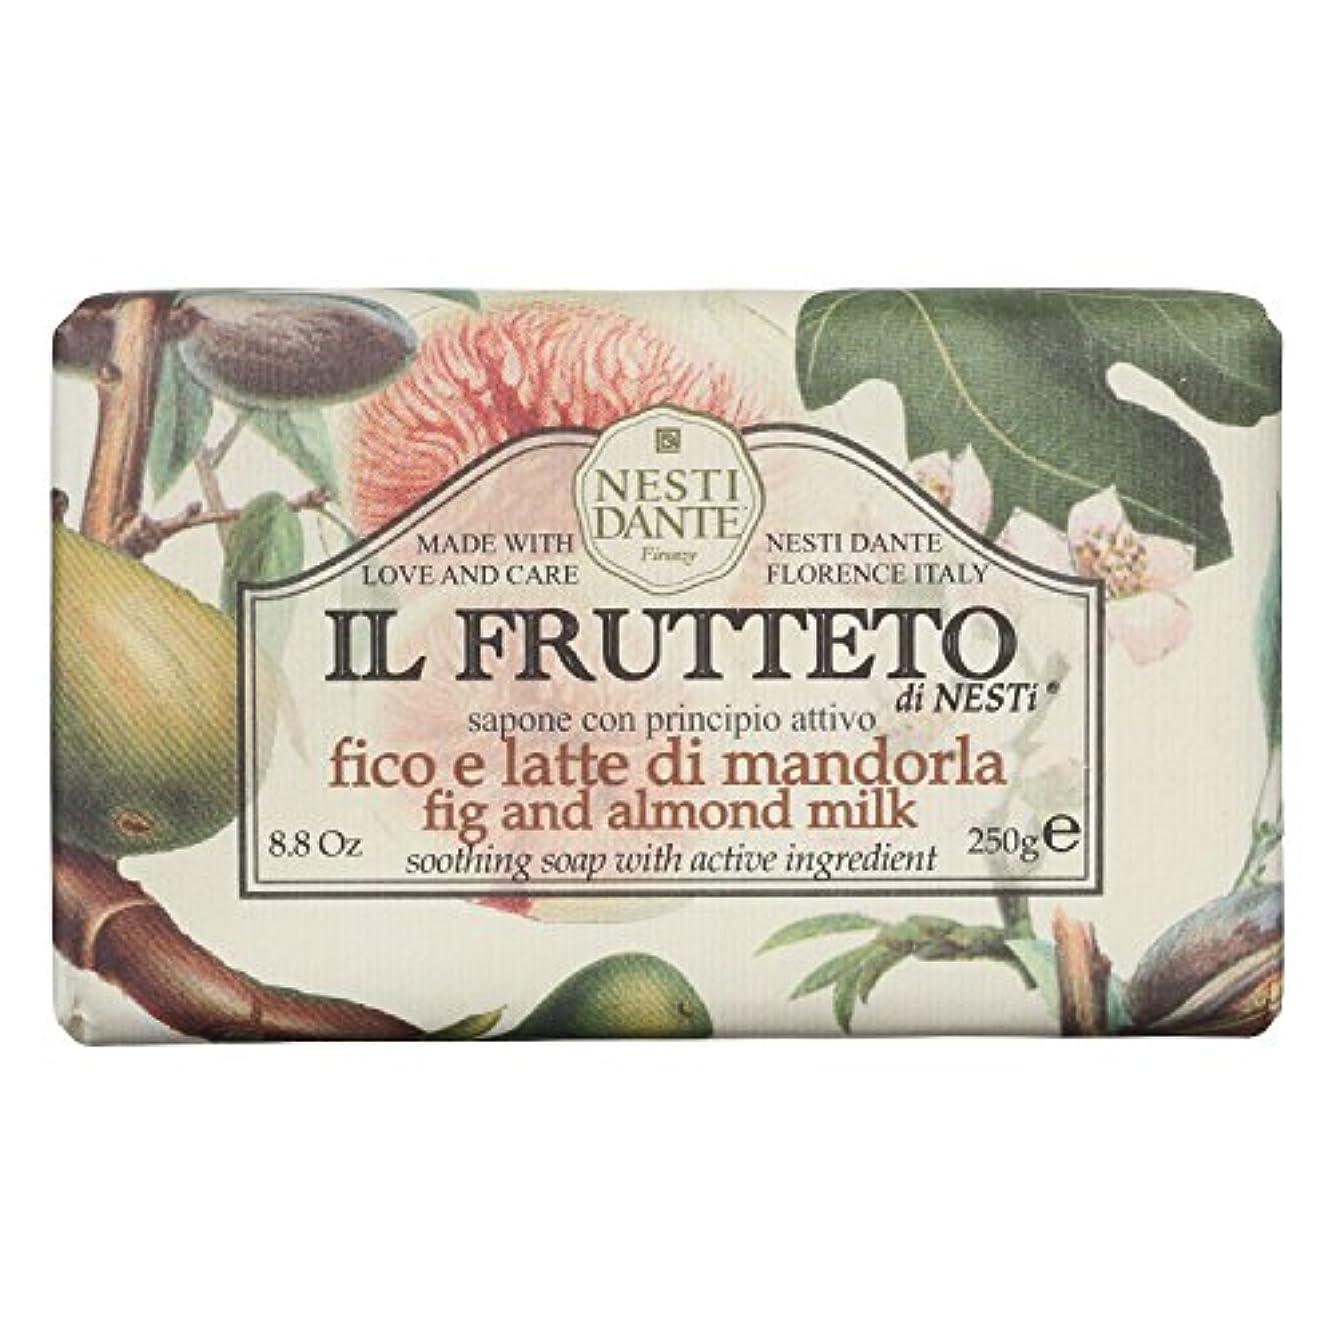 ネスティダンテ (Nesti Dante) フルッテートソープ フィグ&アーモンドミルク 250g